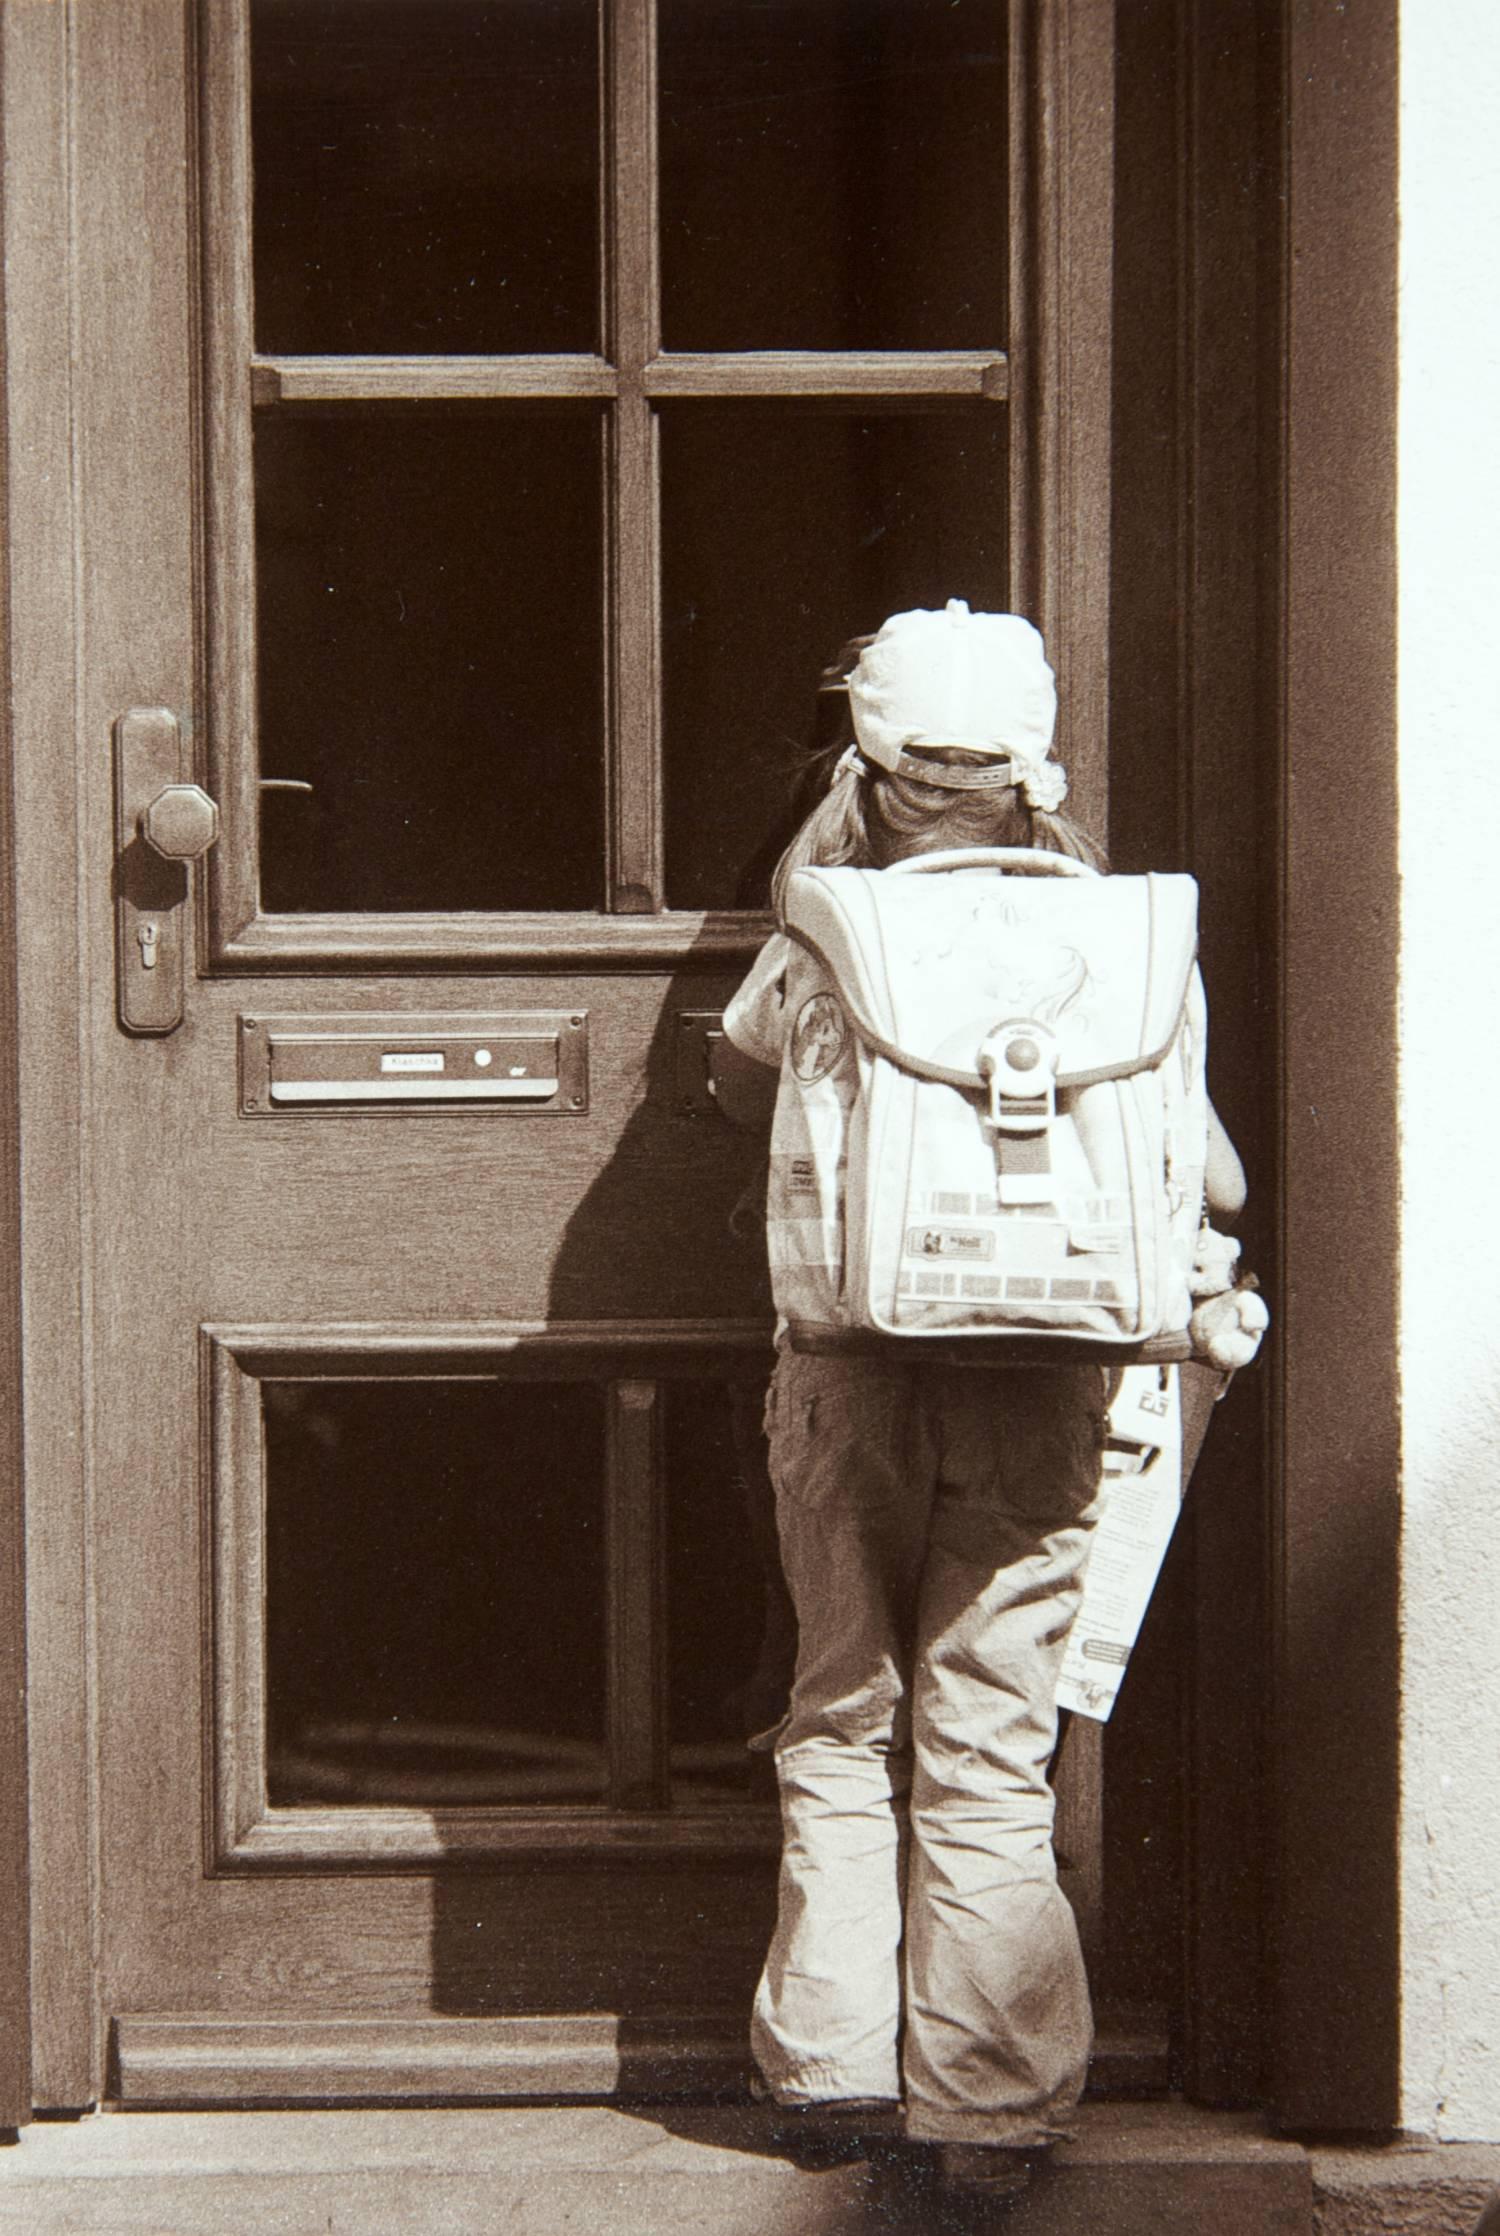 Schoolgirl at Door (Schiltach, Germany)